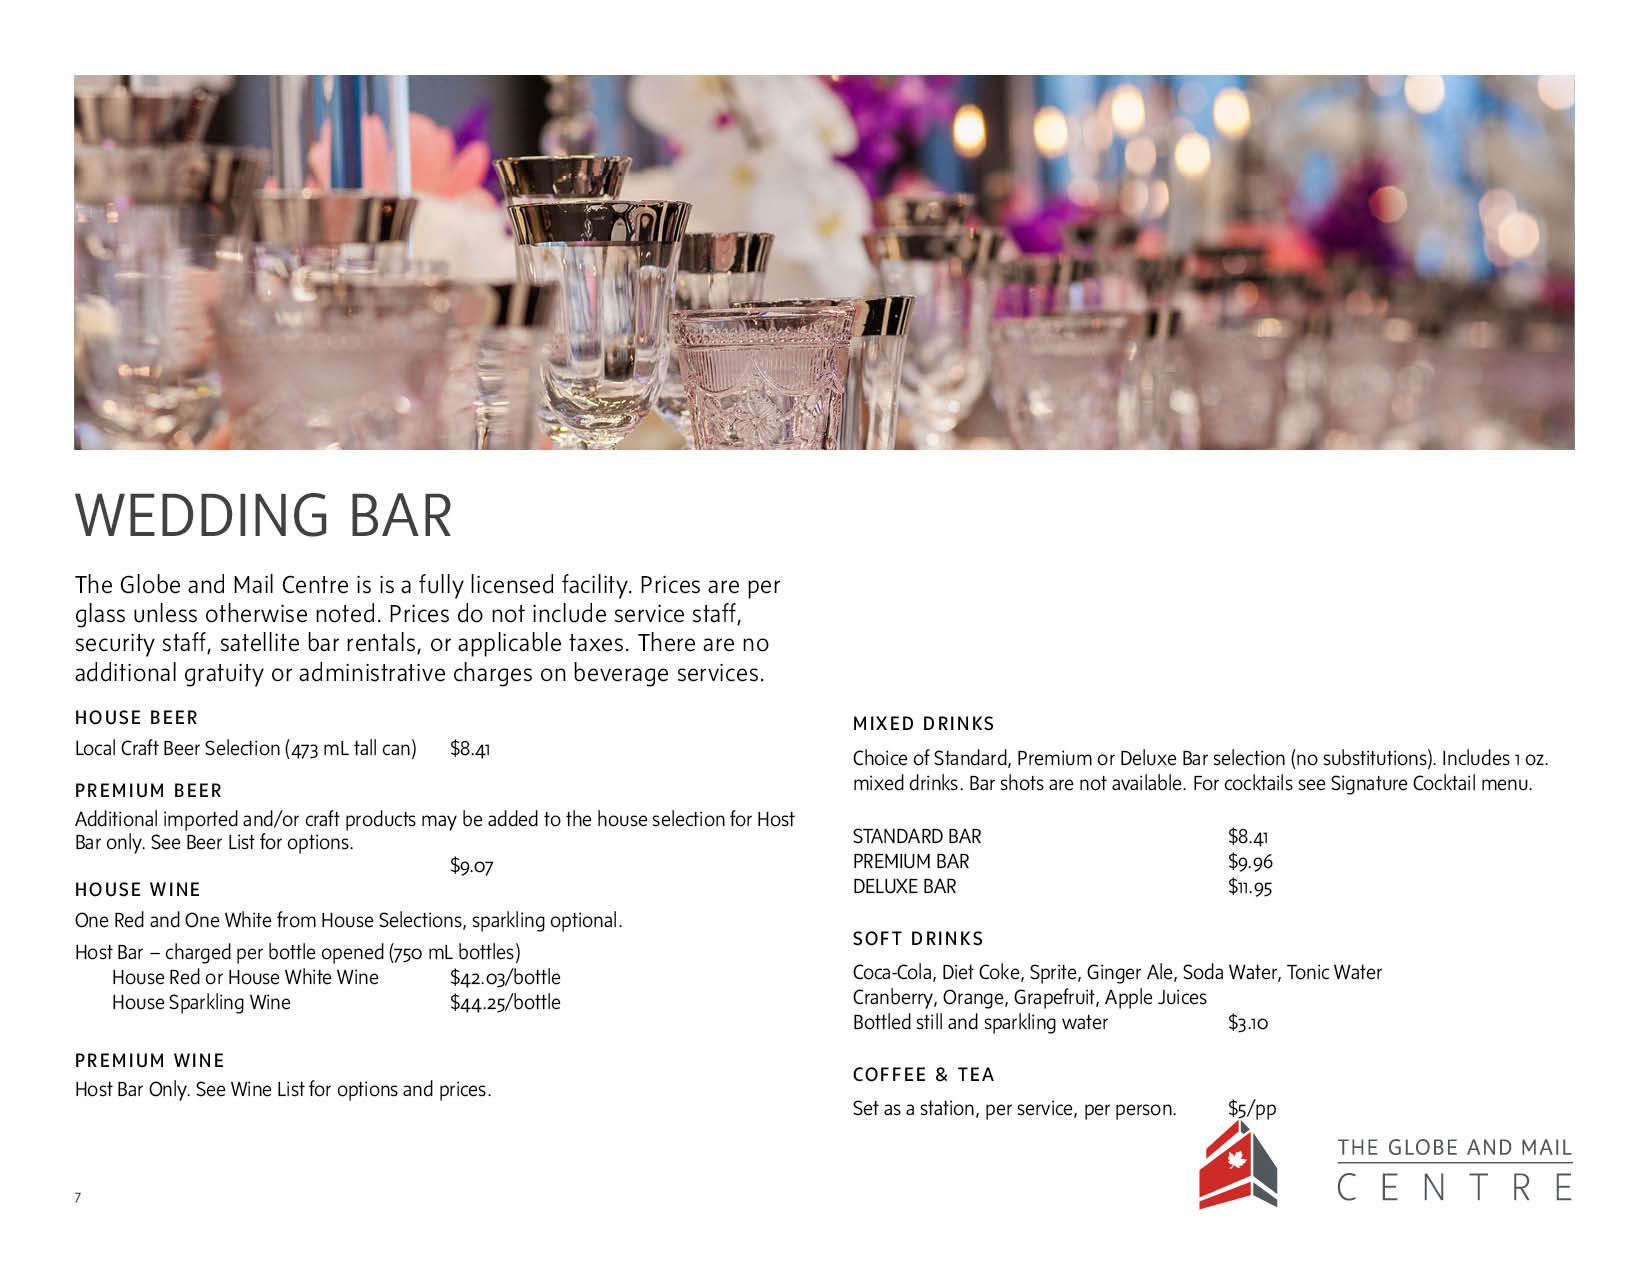 2019-09-03 GAMC Wedding Package7.jpg